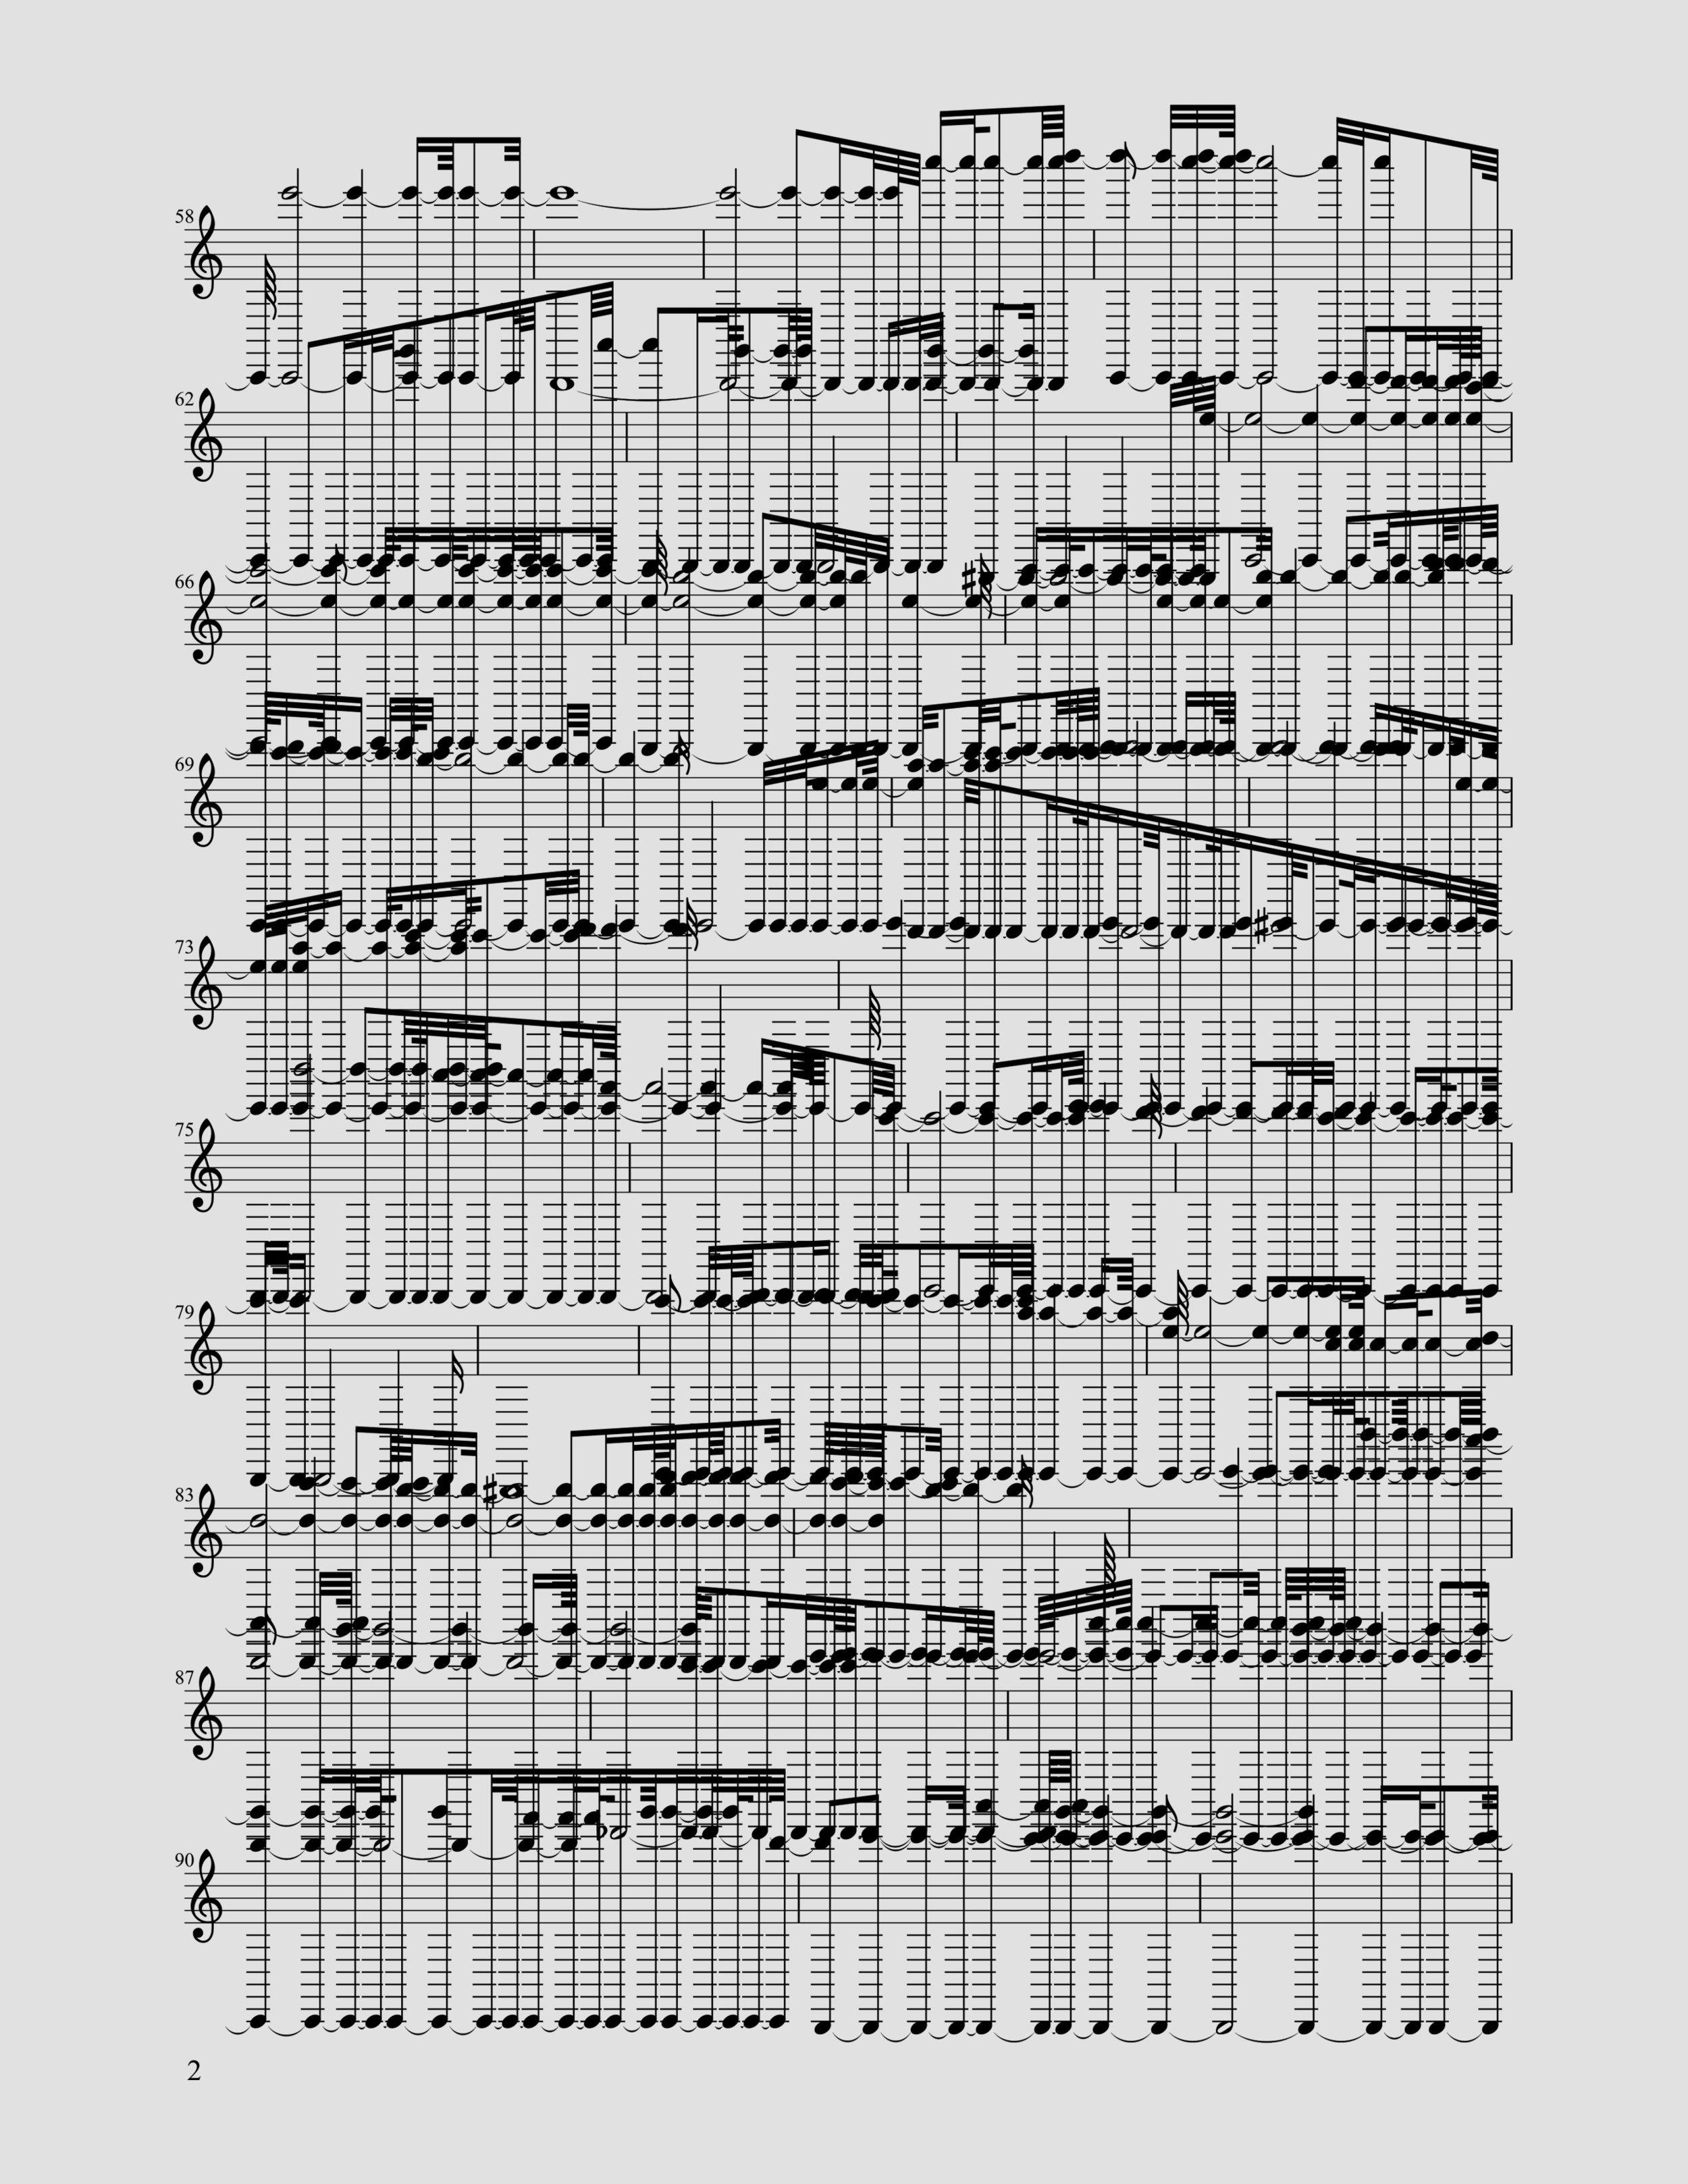 garden-sheet-music-2_2550.jpg